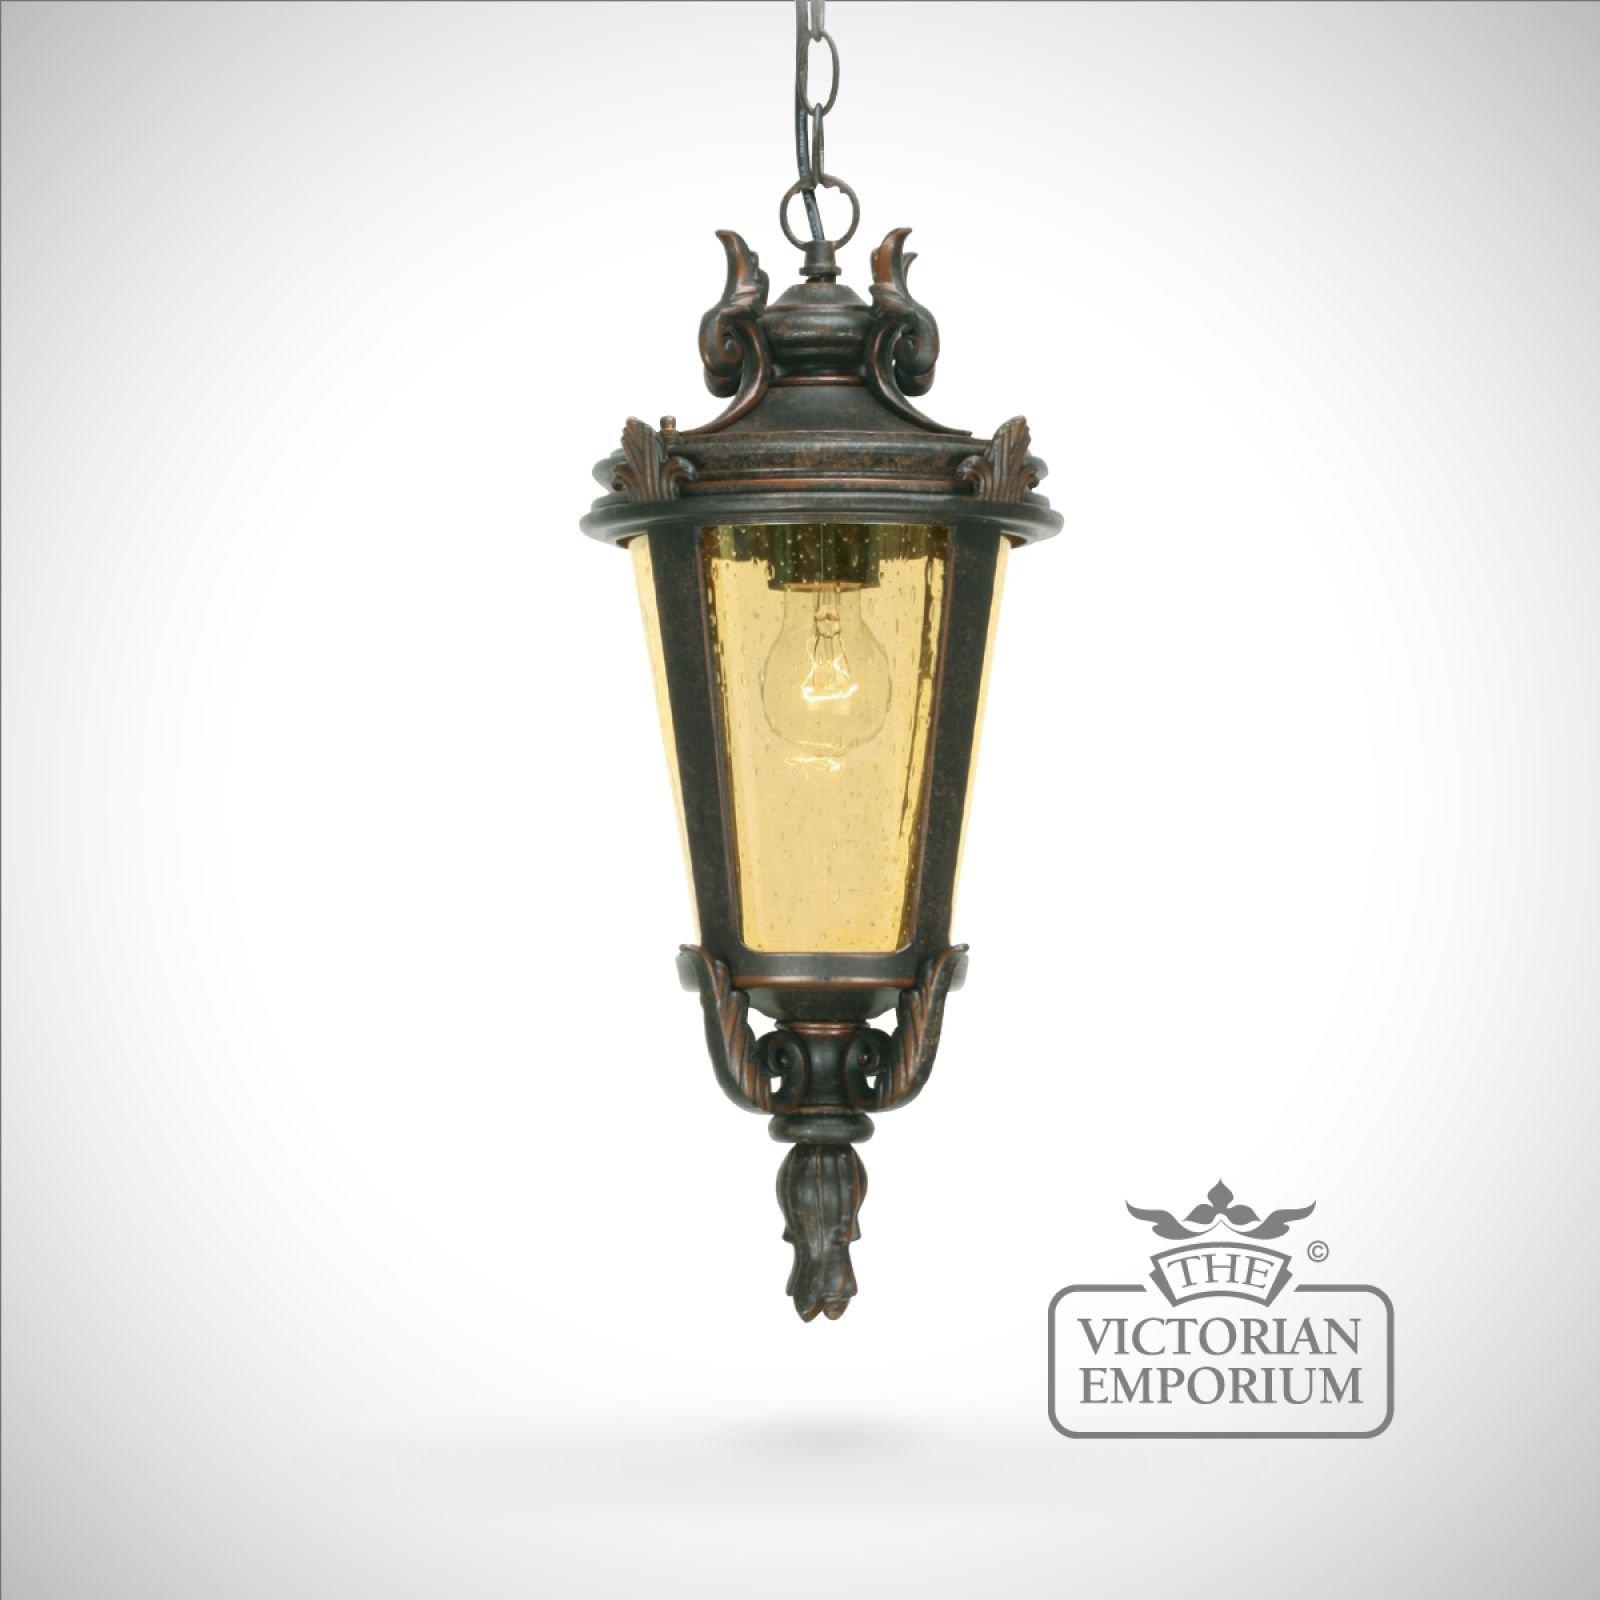 Dark Verdigris Green Ornate Pedestal Light: Dark Bronze Chain Lantern - Medium